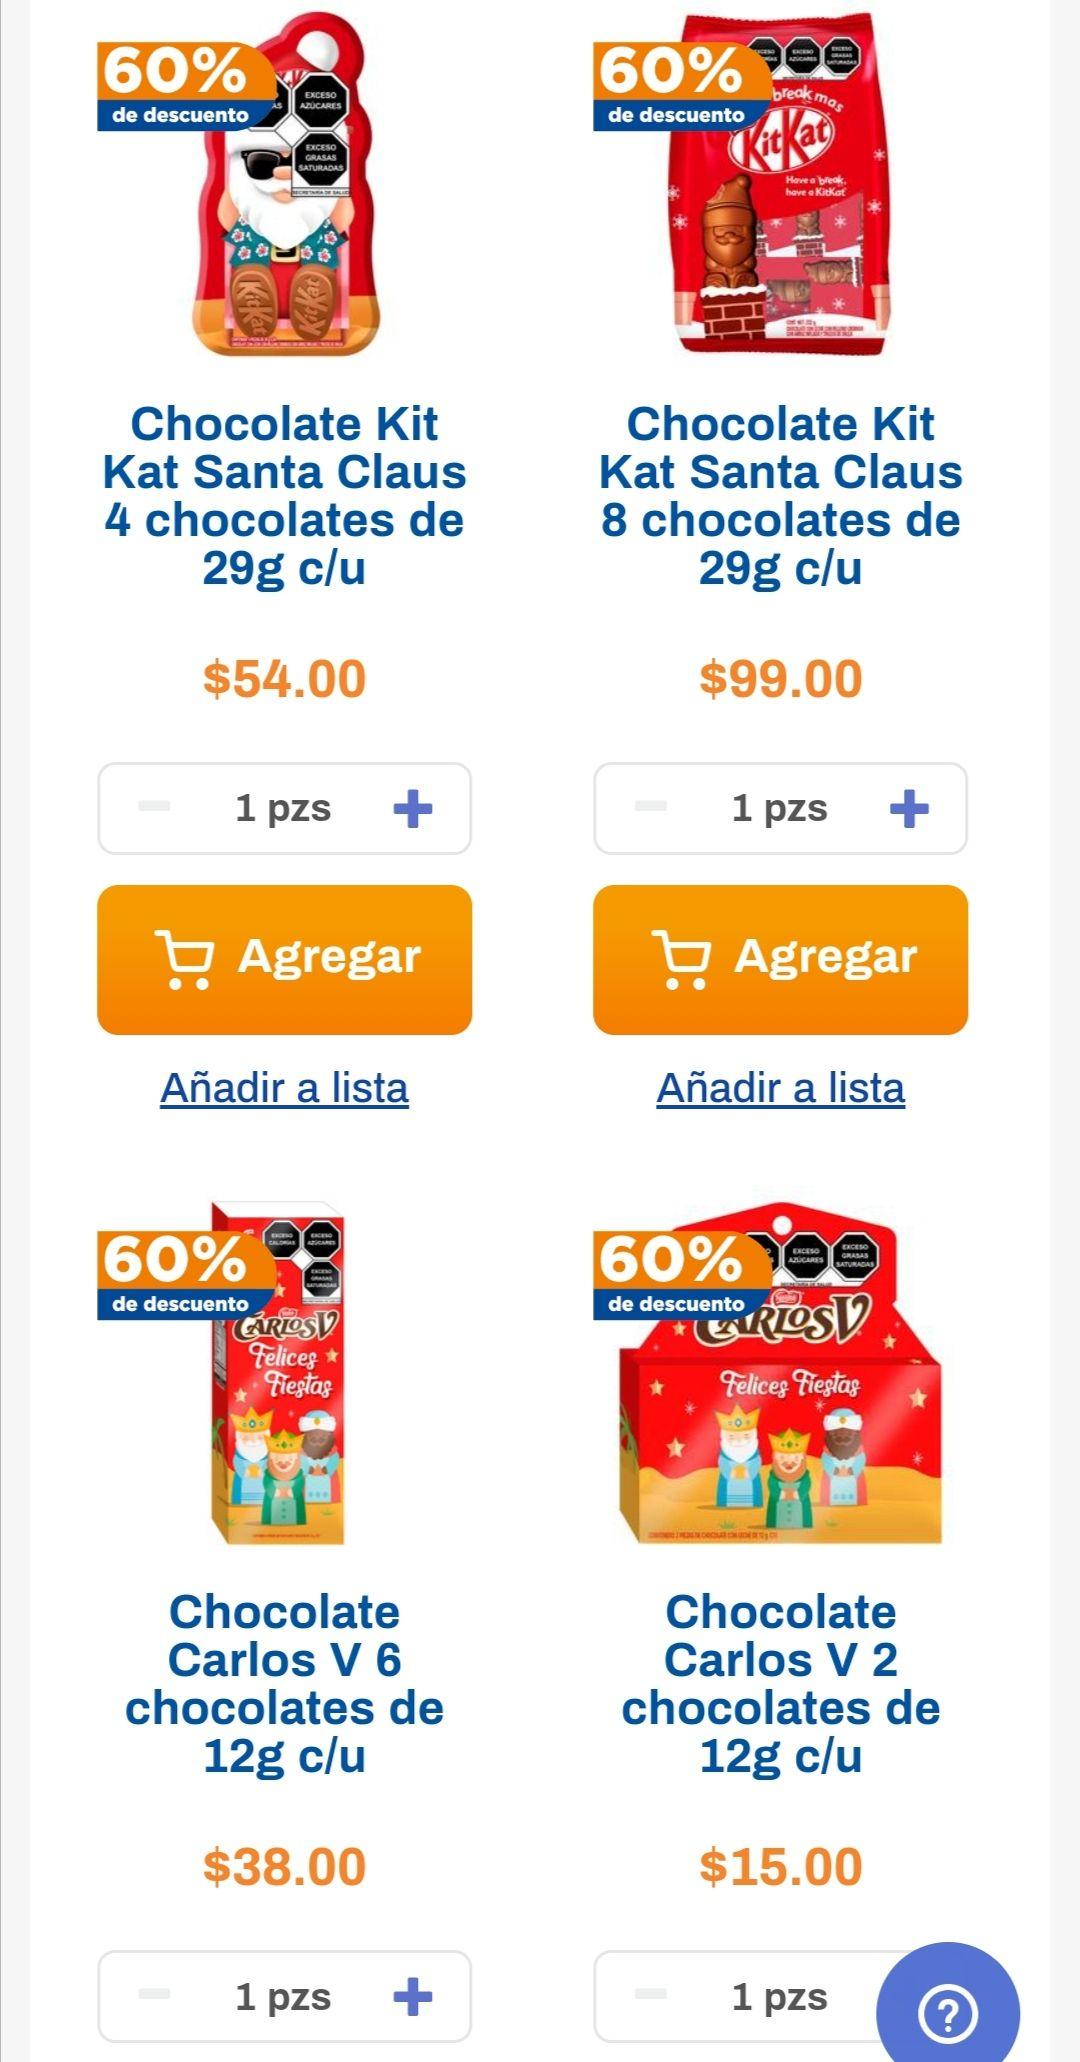 Chedraui: 60% de descuento en chocolates Nestlé de Navidad y Reyes seleccionados